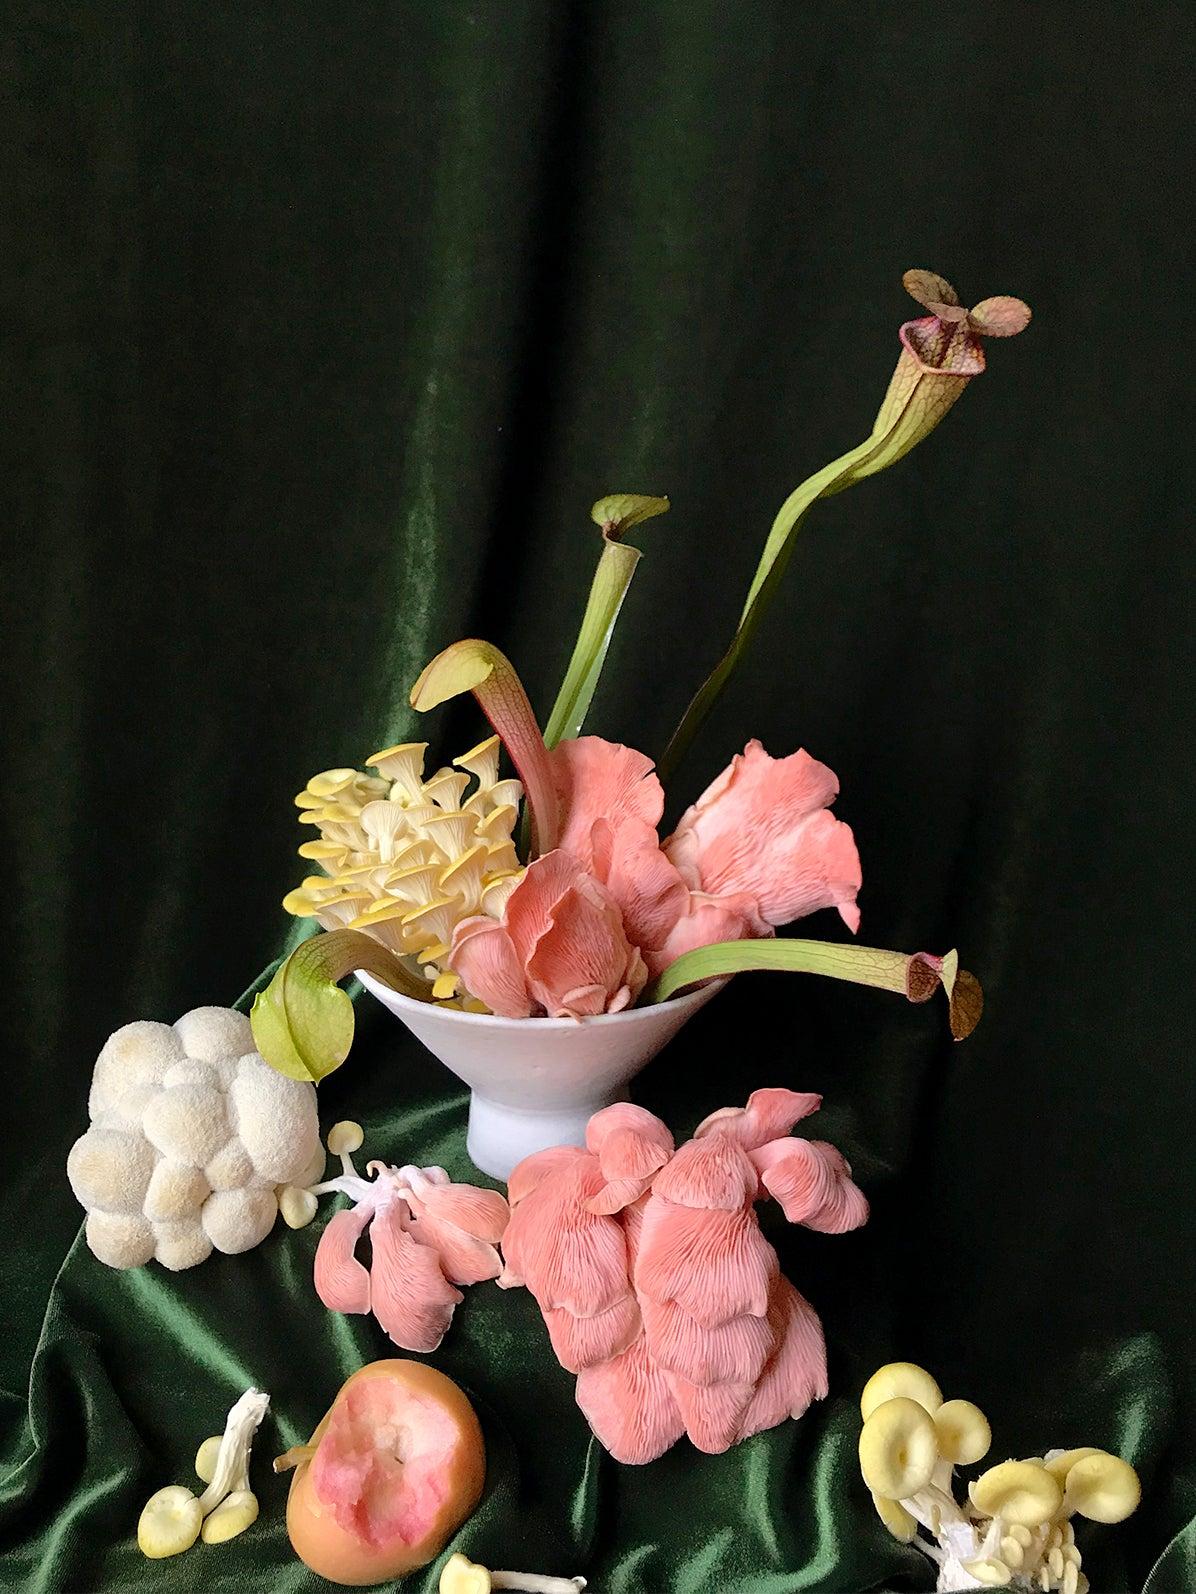 00-FEATURE-mushroom-florals-domino